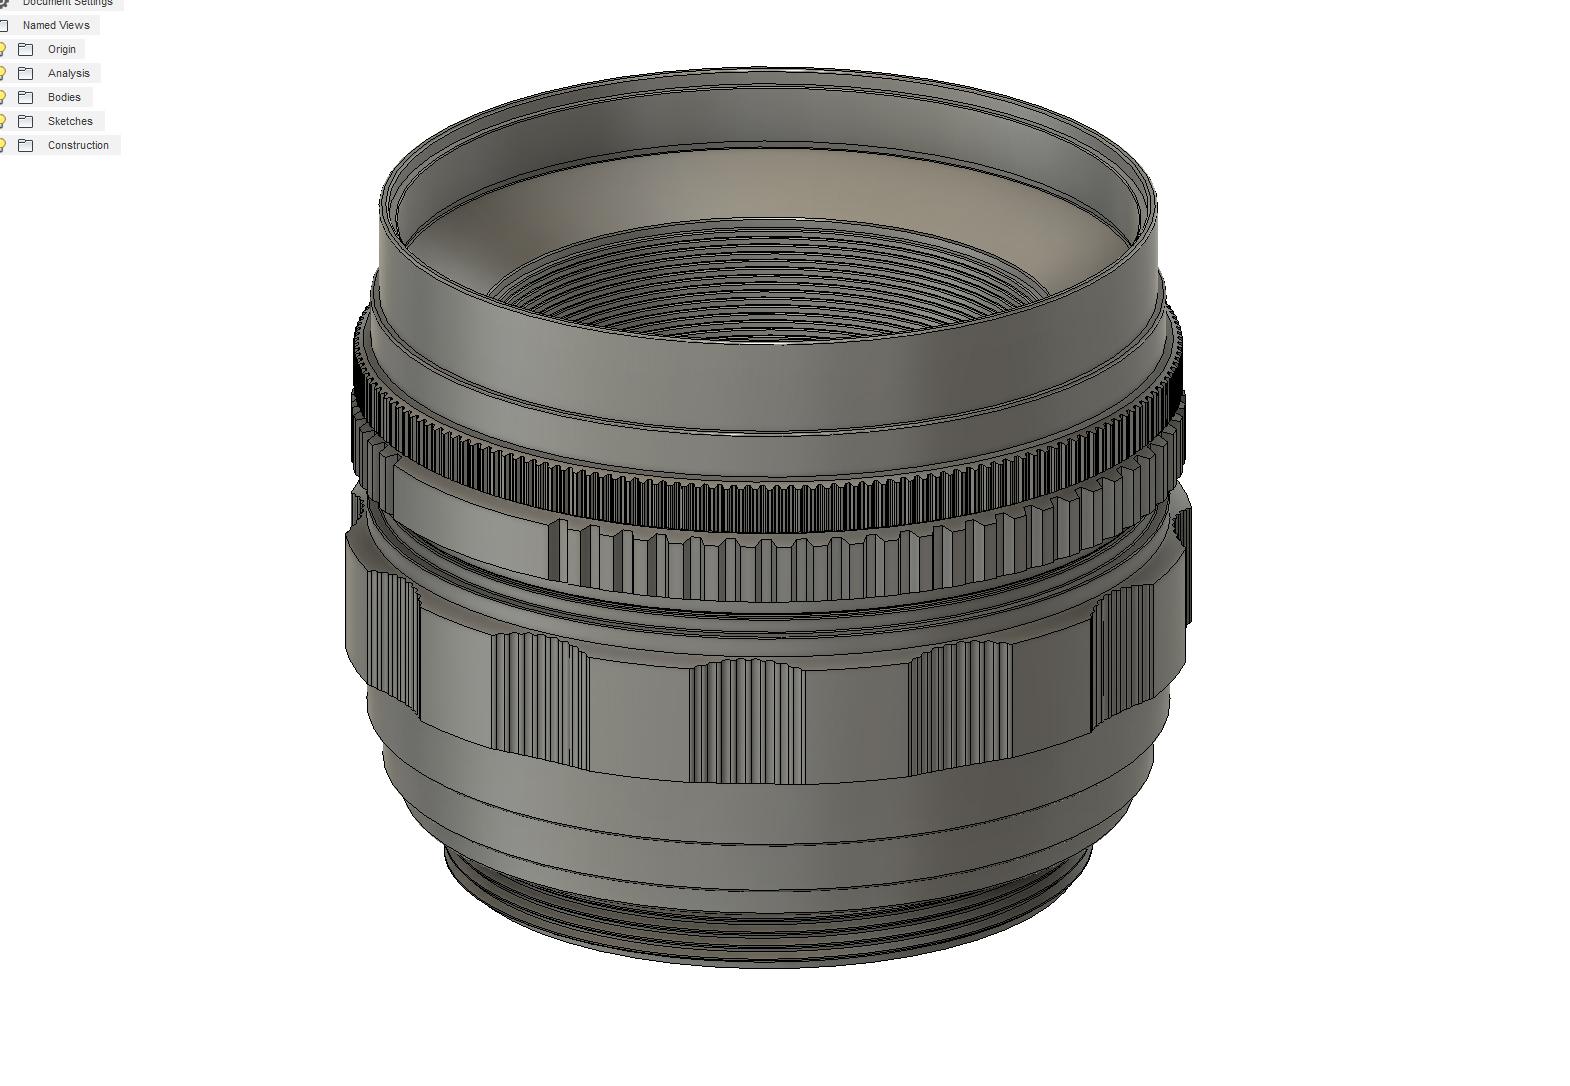 lense.jpg